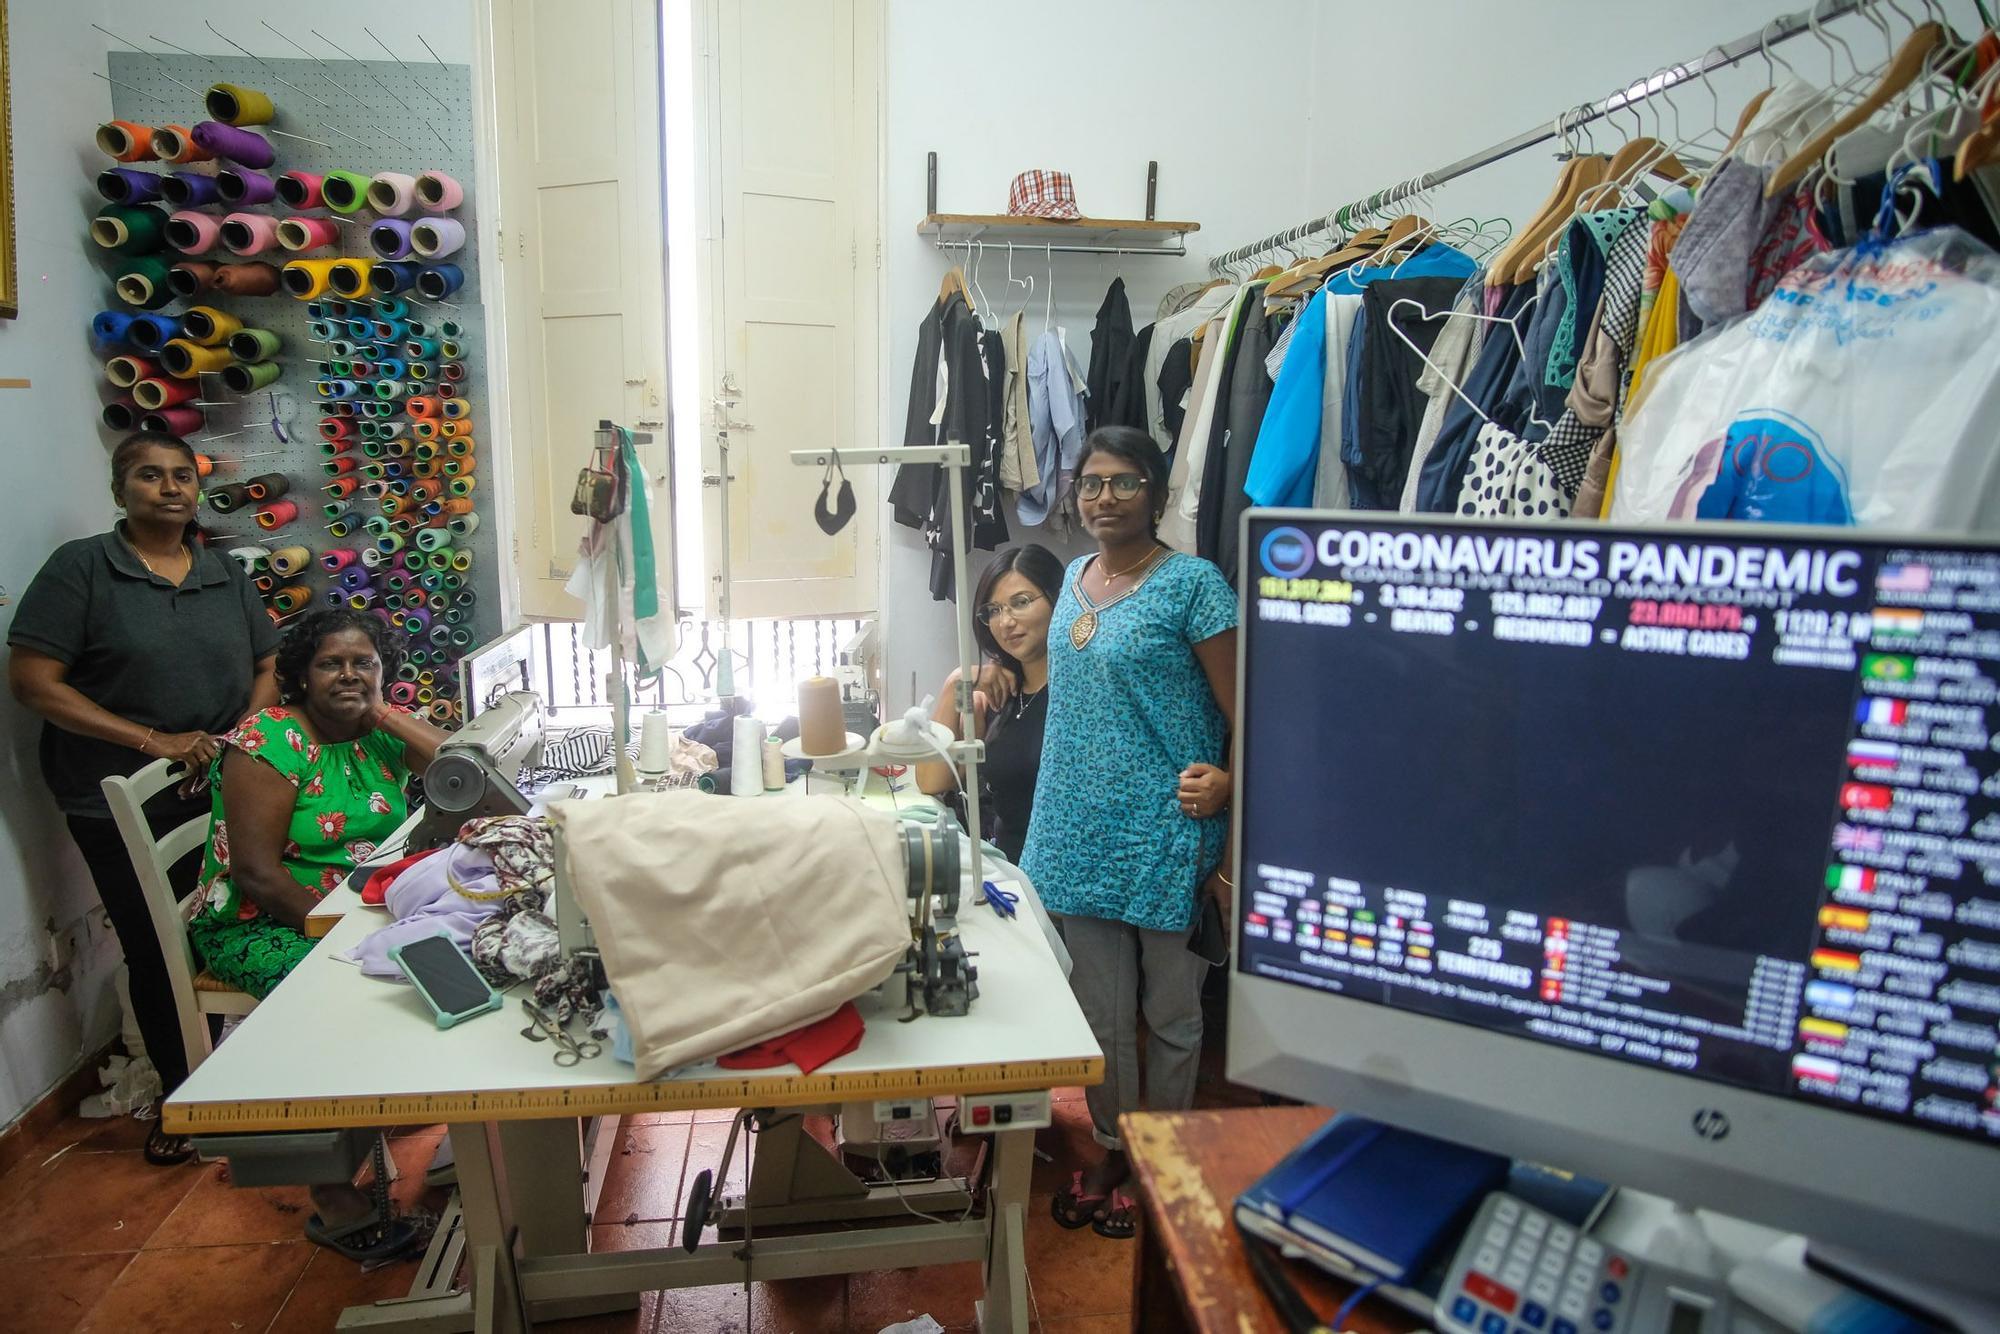 Taller de costura en la calle Perdomo